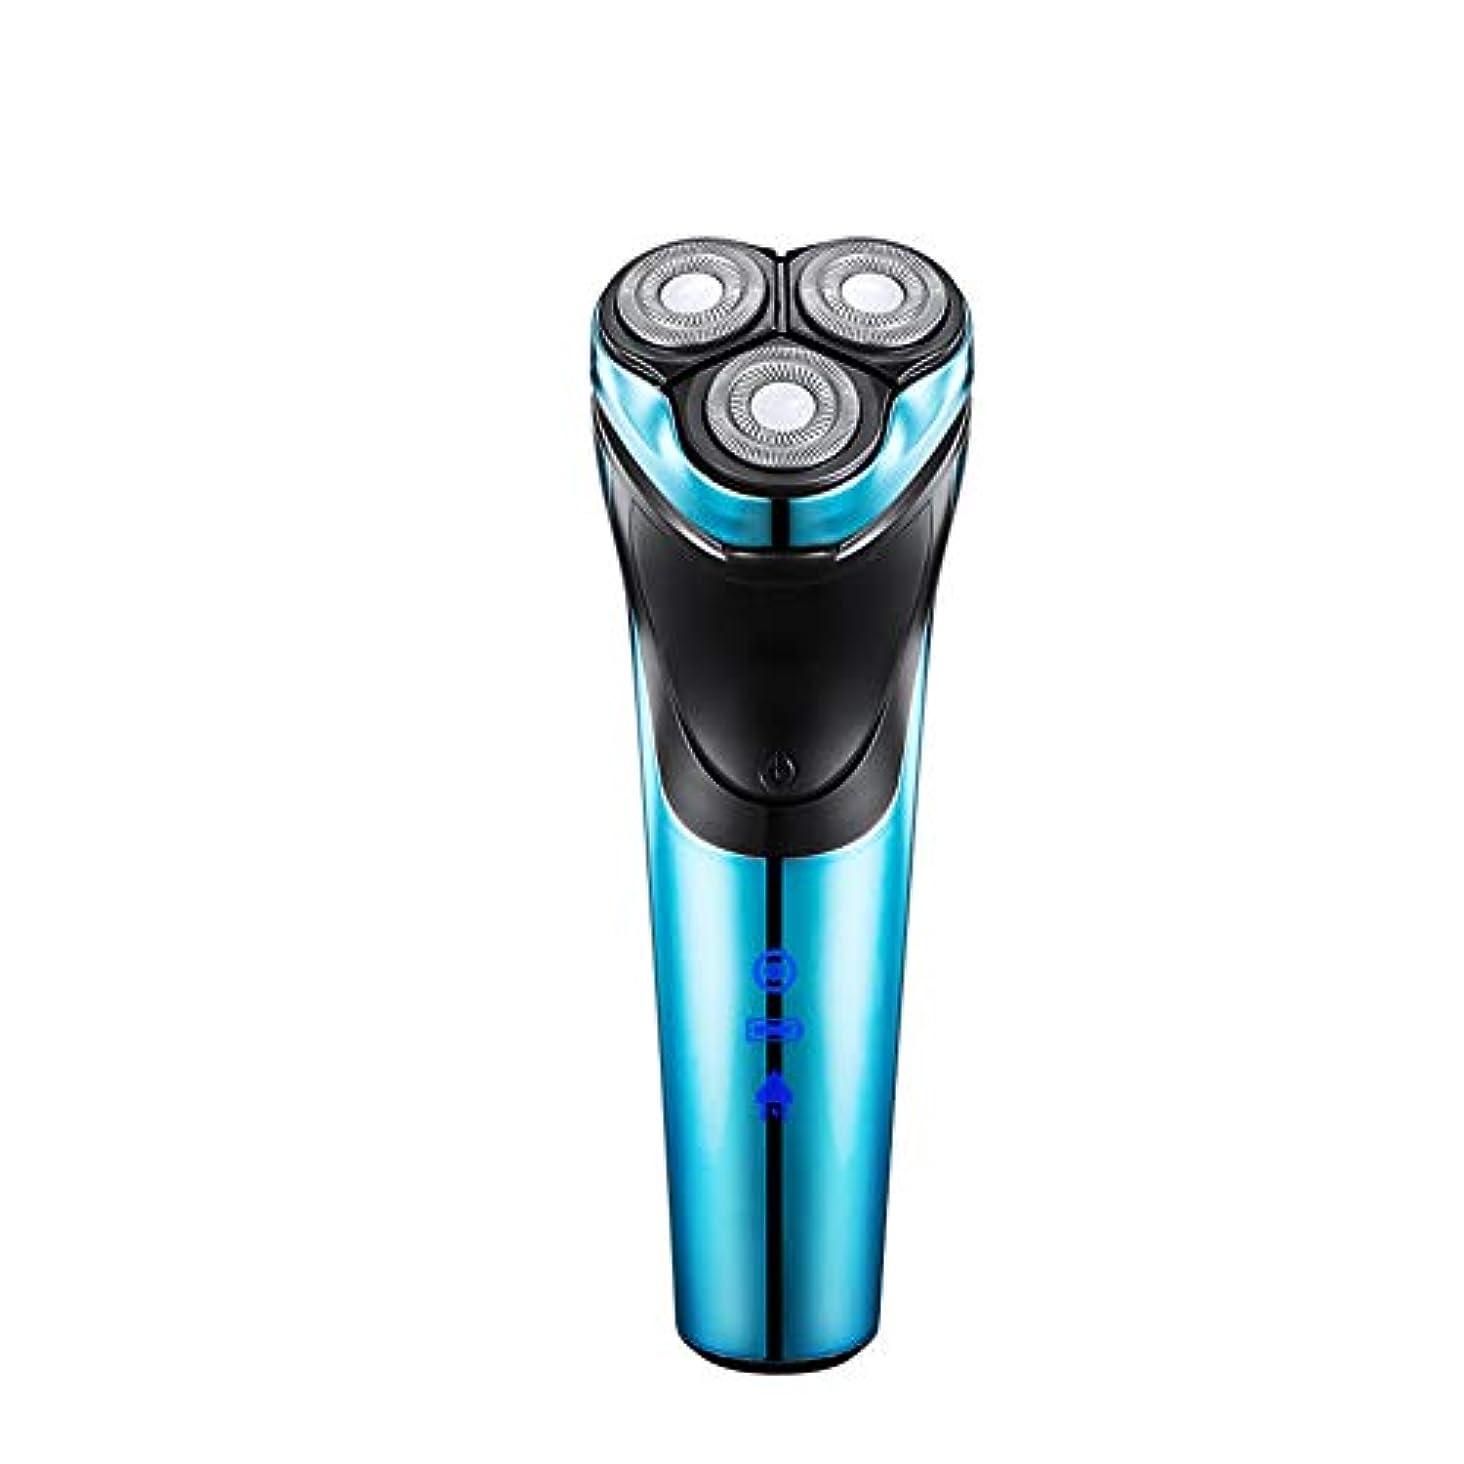 はぁいま有料男性用ロータリーシェーバー2019更新バージョンウェットドライかみそりポップアップトリマー防水コードレス充電式